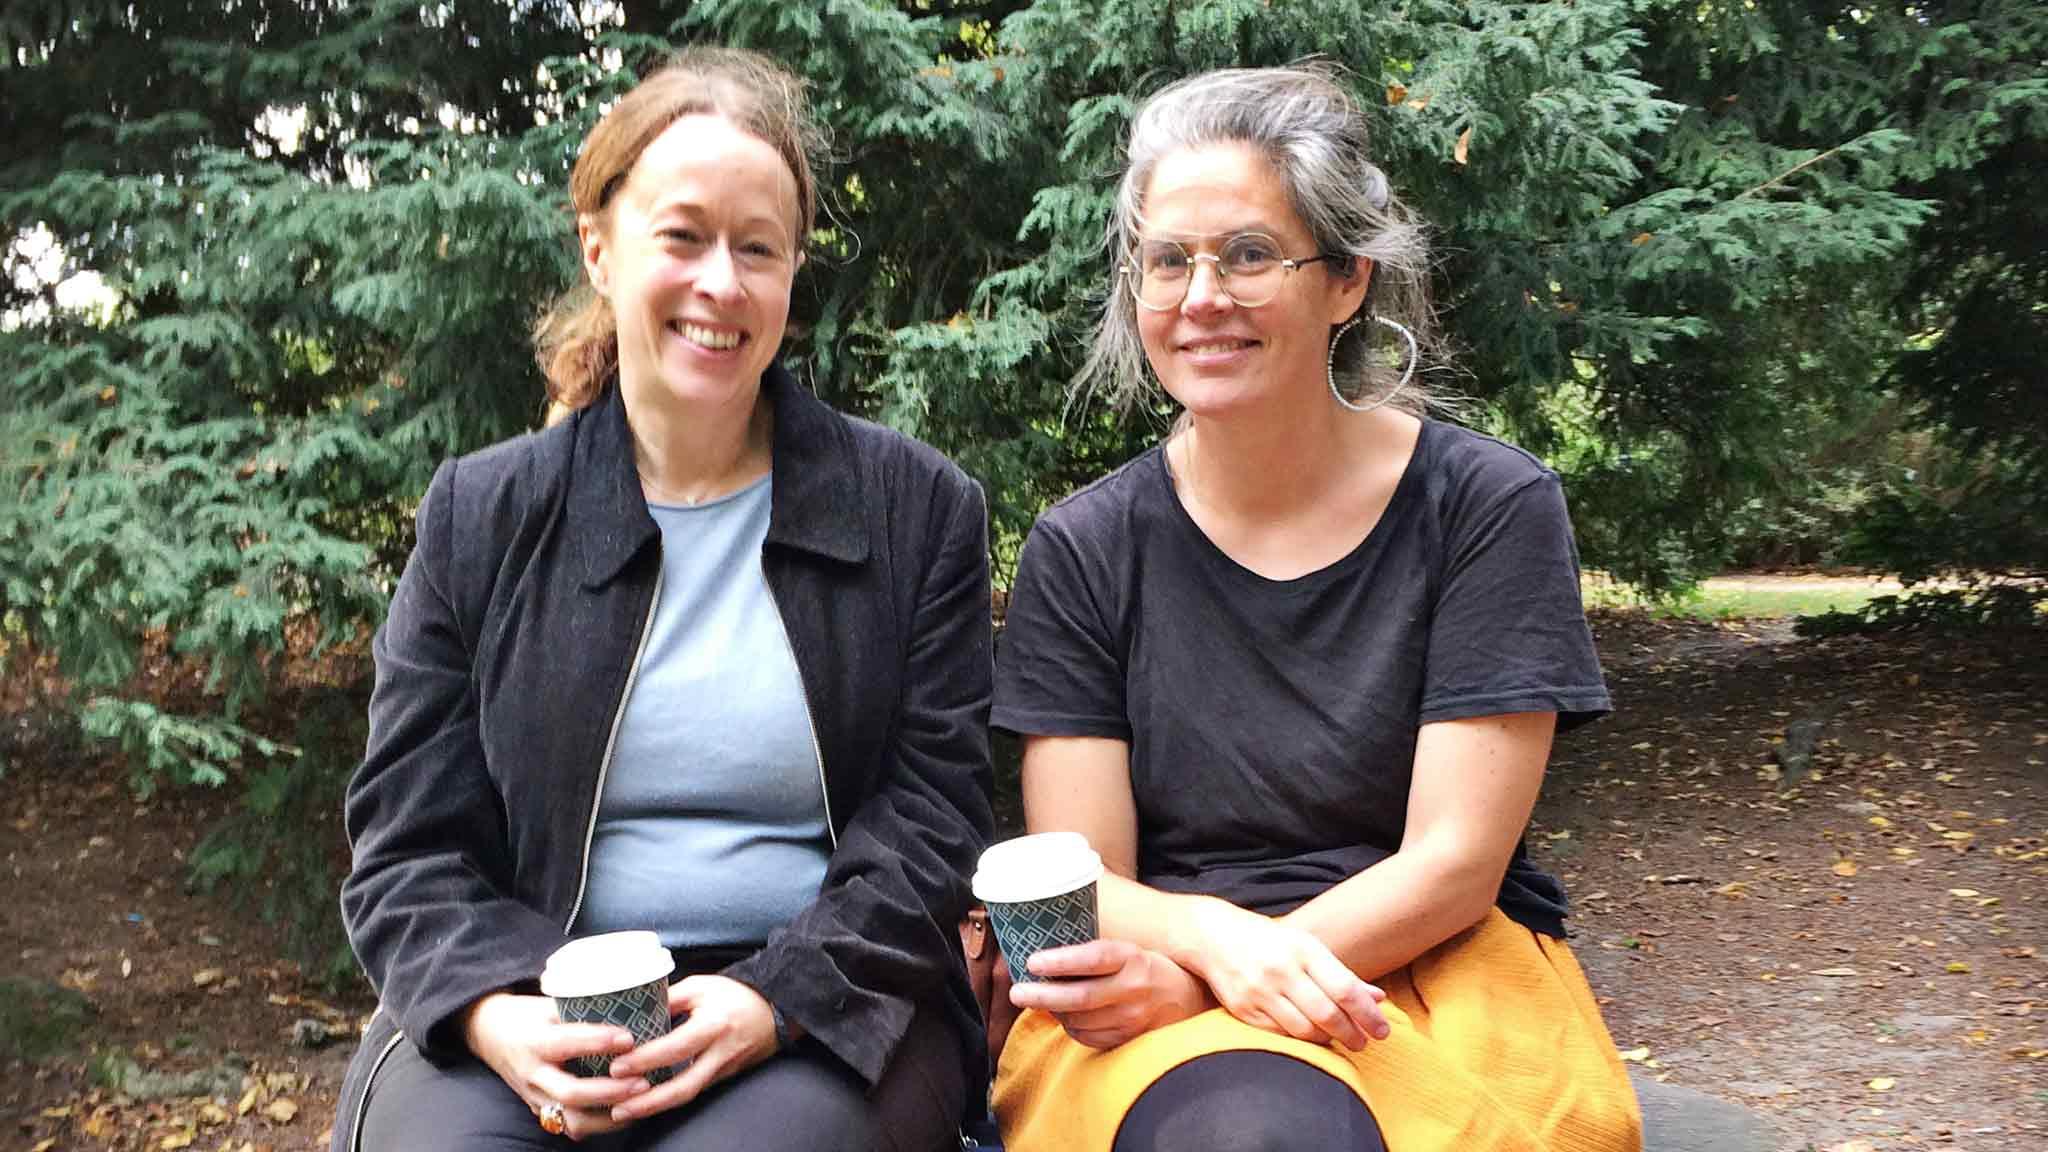 Huvudbiblioteket i Malmö ligger precis intill Slottsparken. Nu går bibliotekarierna Nanna Ekman och Mimmi Widner ut när de ska ha möten. Foto: Ann Persson.